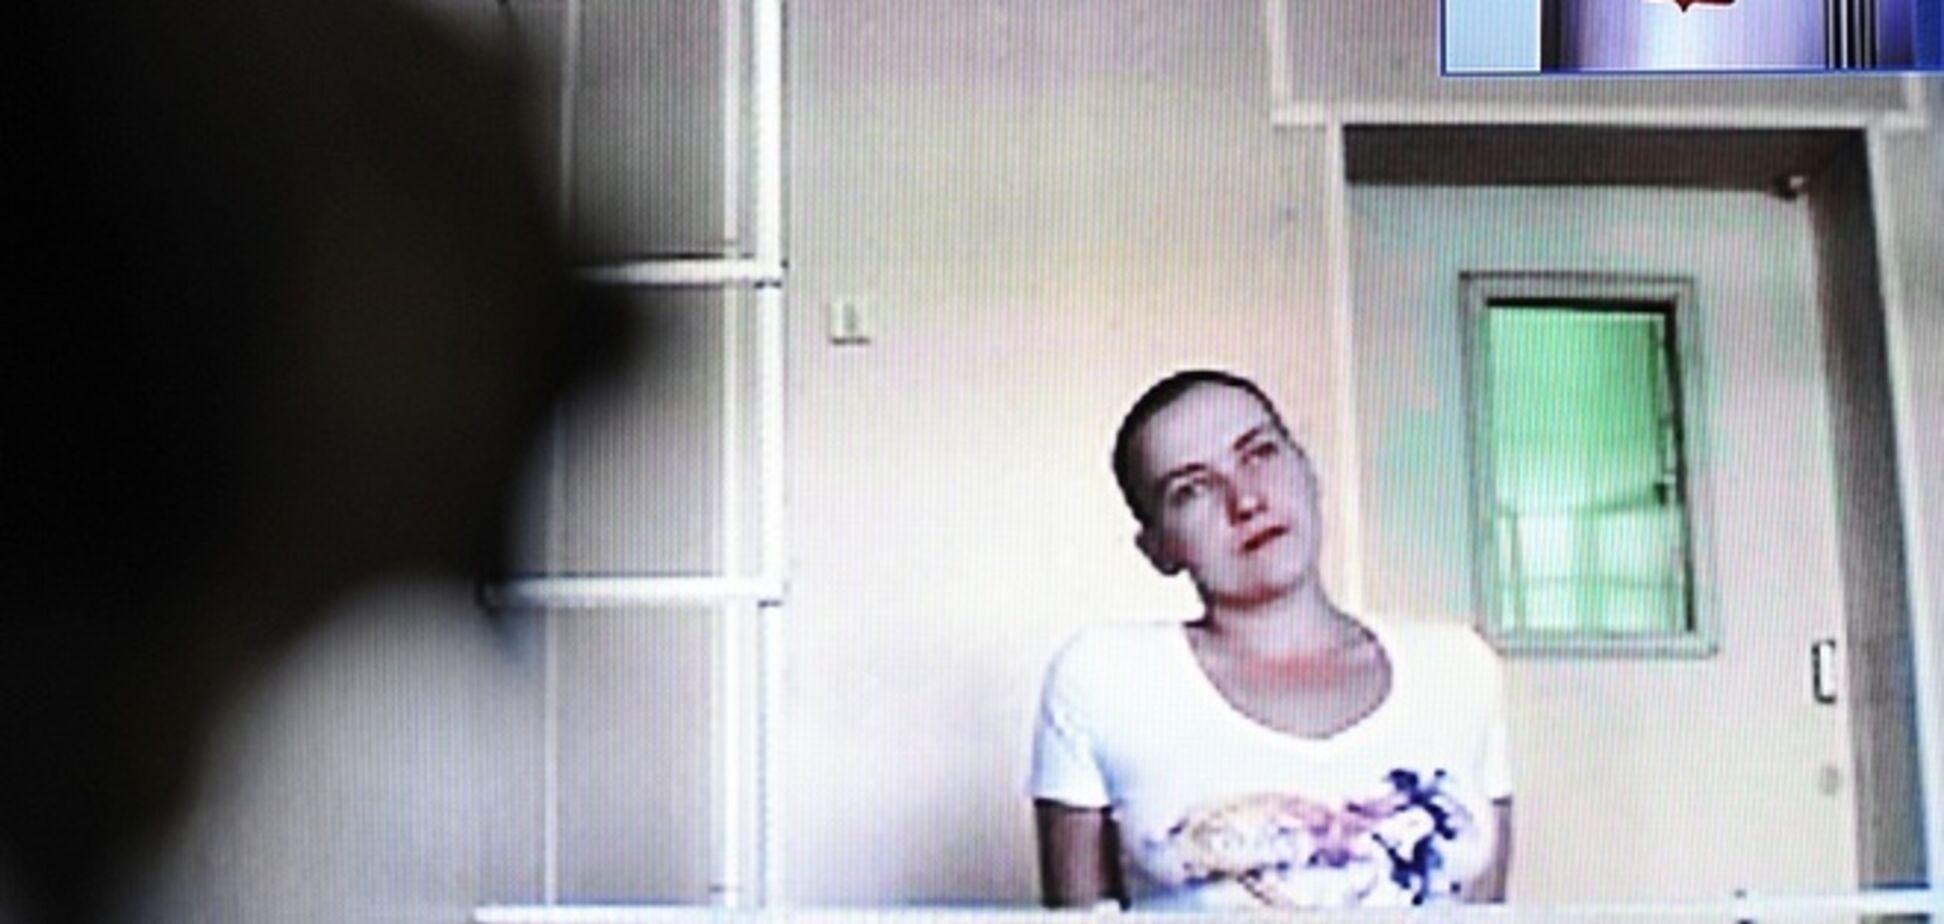 Савченко привезли в 'медучреждение' для проведения психолого-психиатрической экспертизы